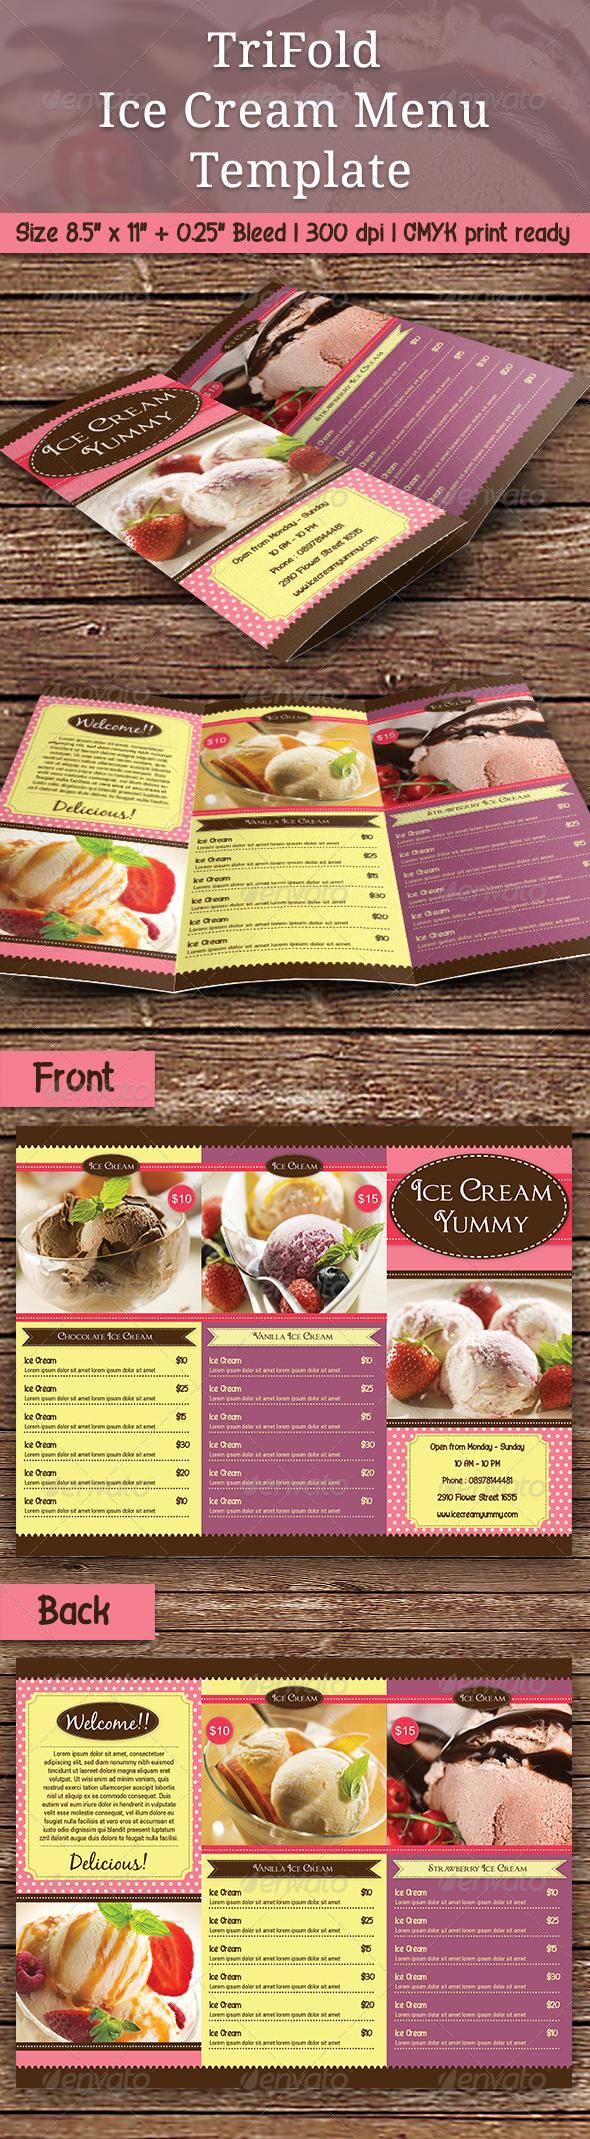 trifold ice cream menu template ice cream menu menu templates and